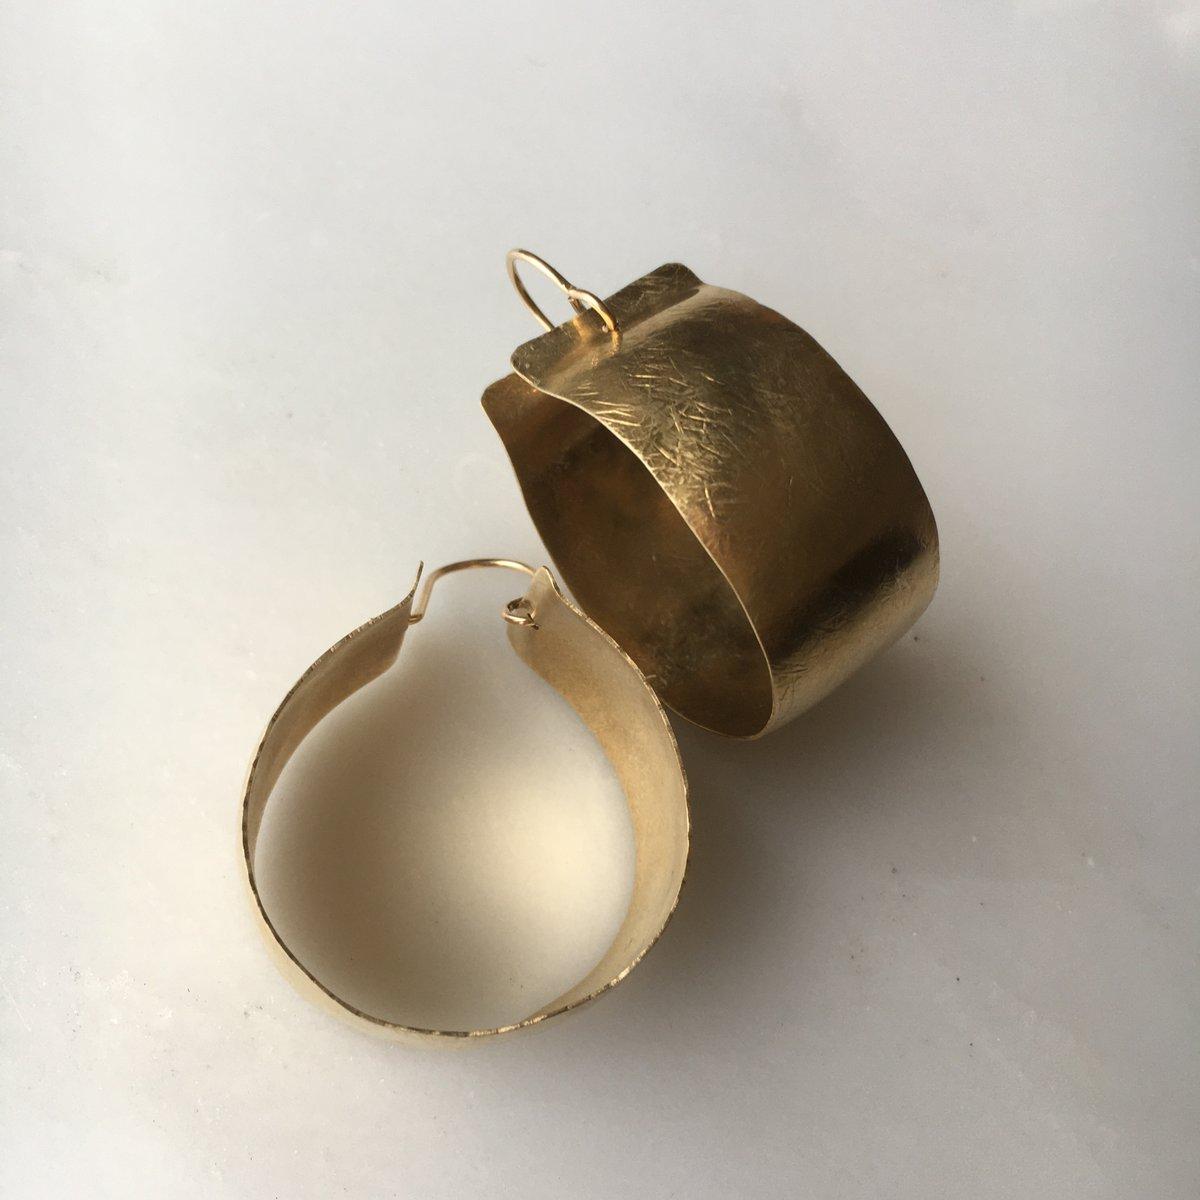 Image of lue hoop